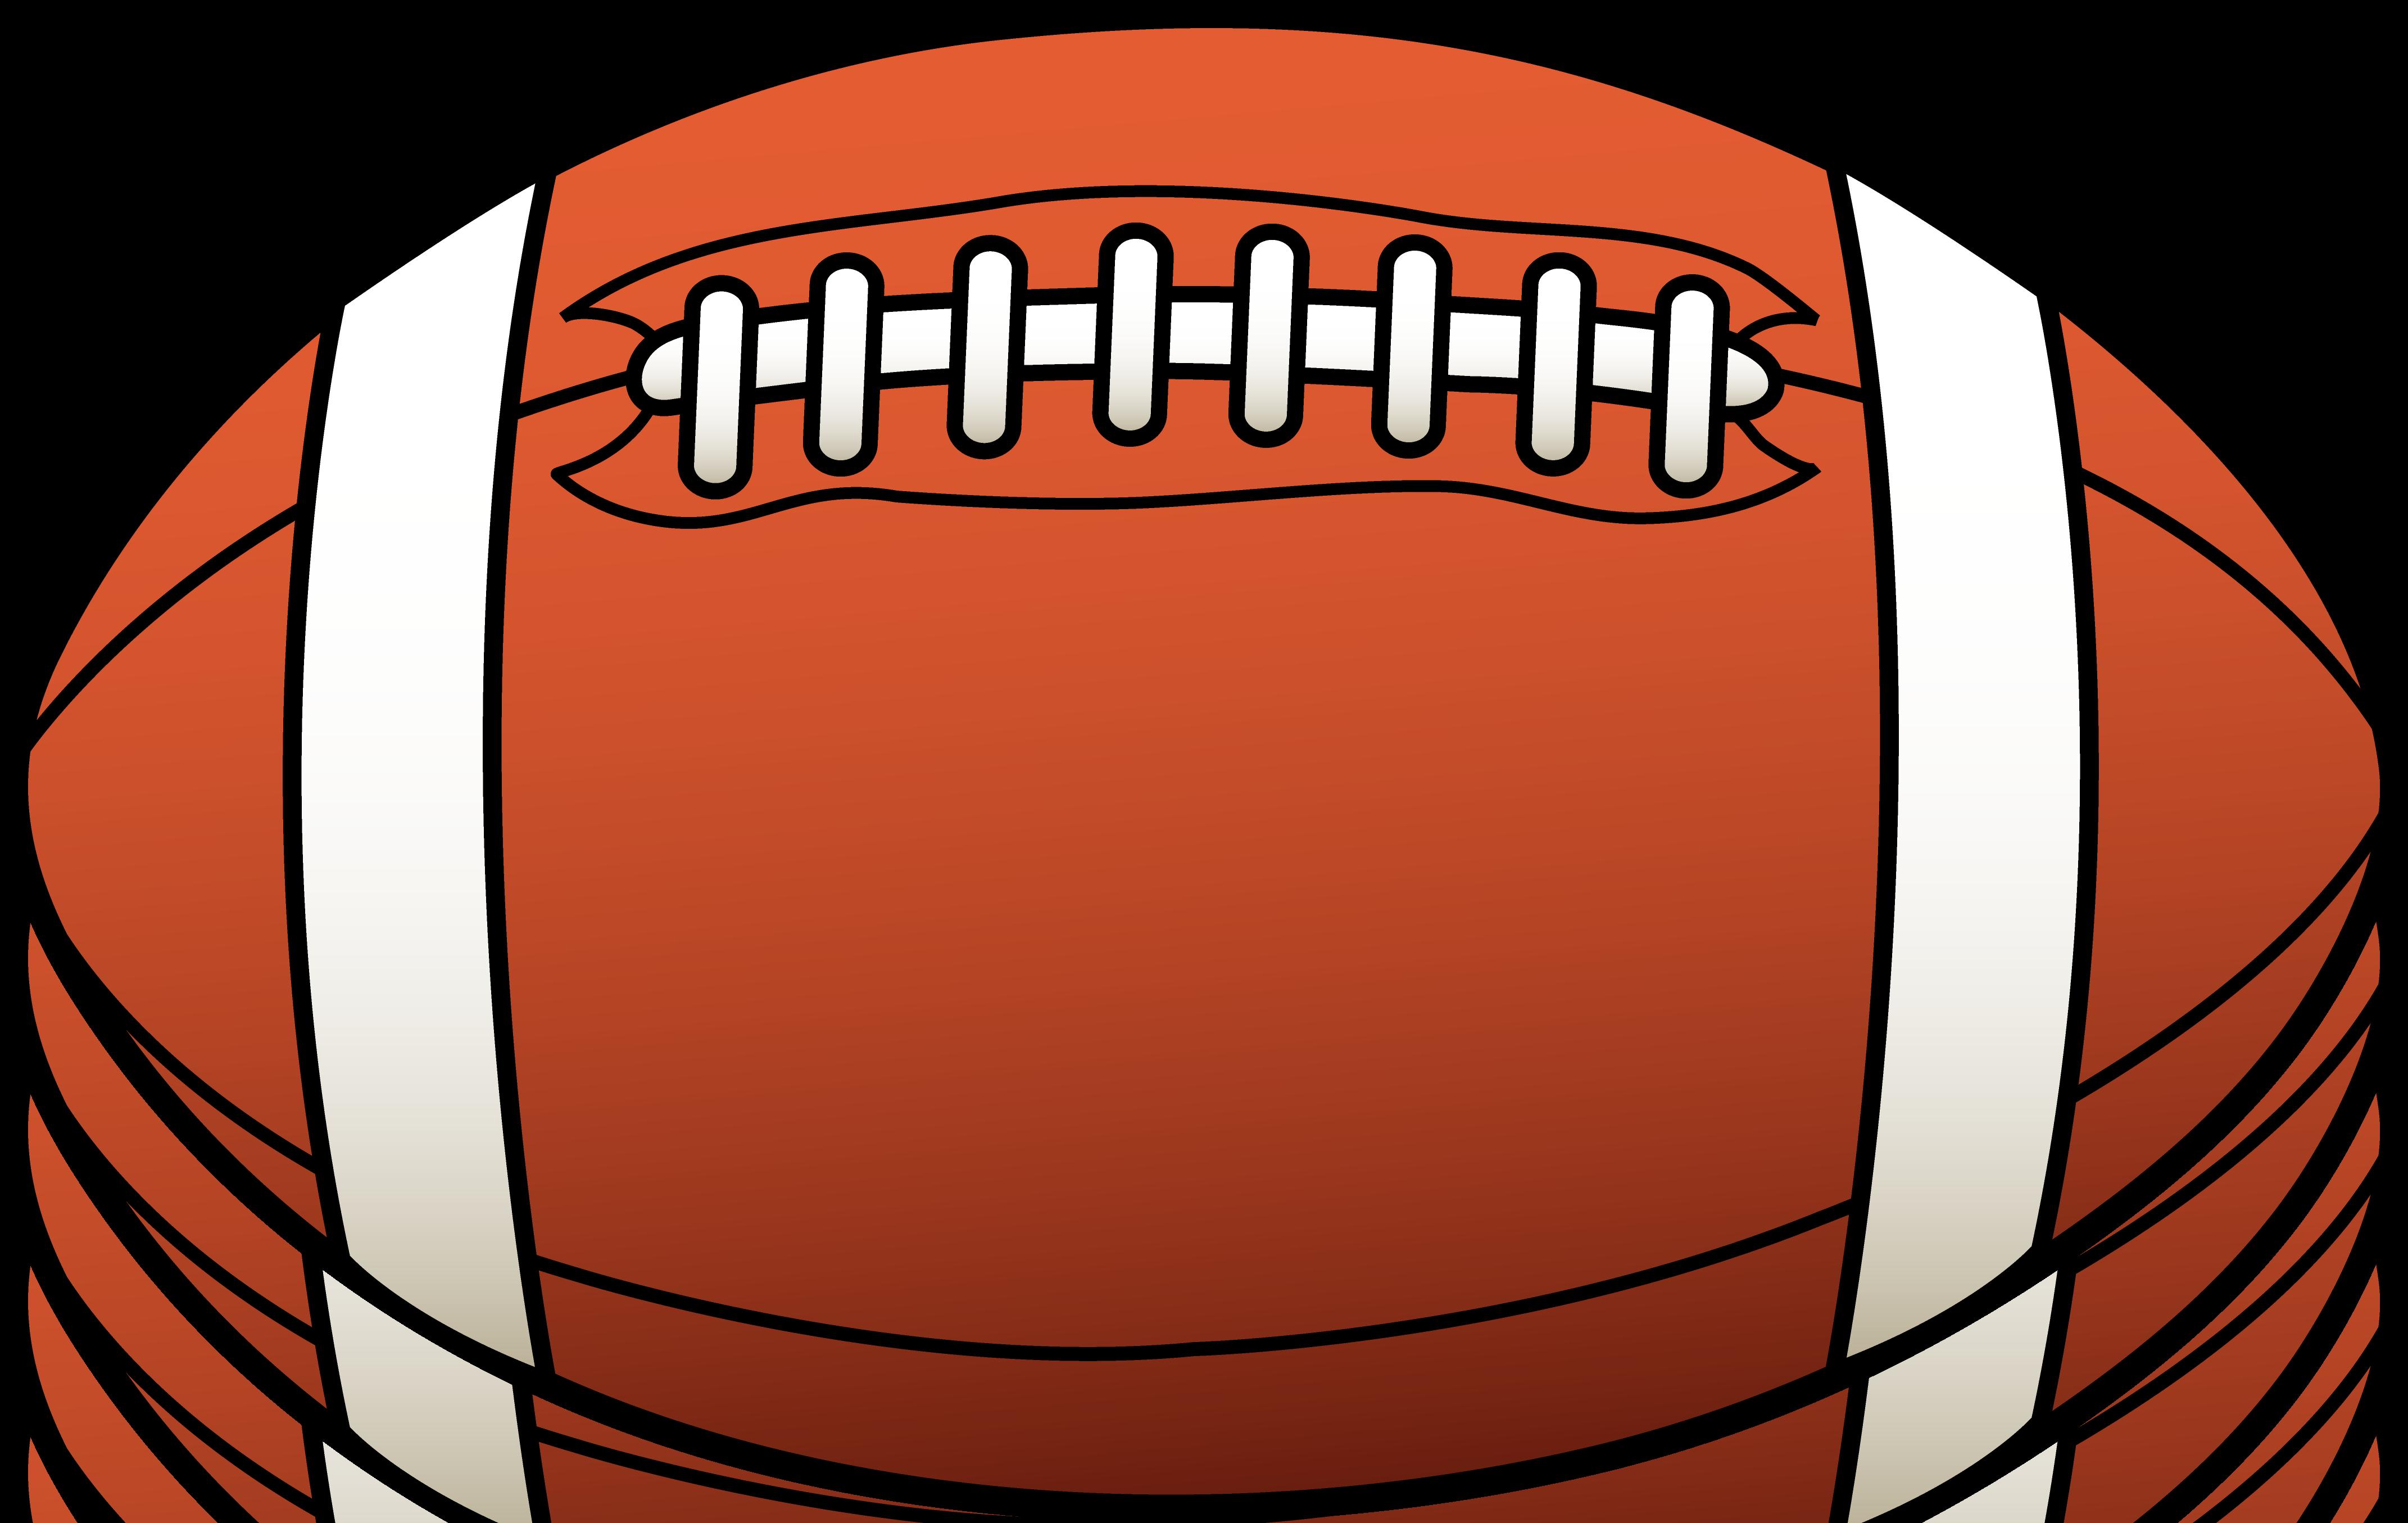 Clipart Football.